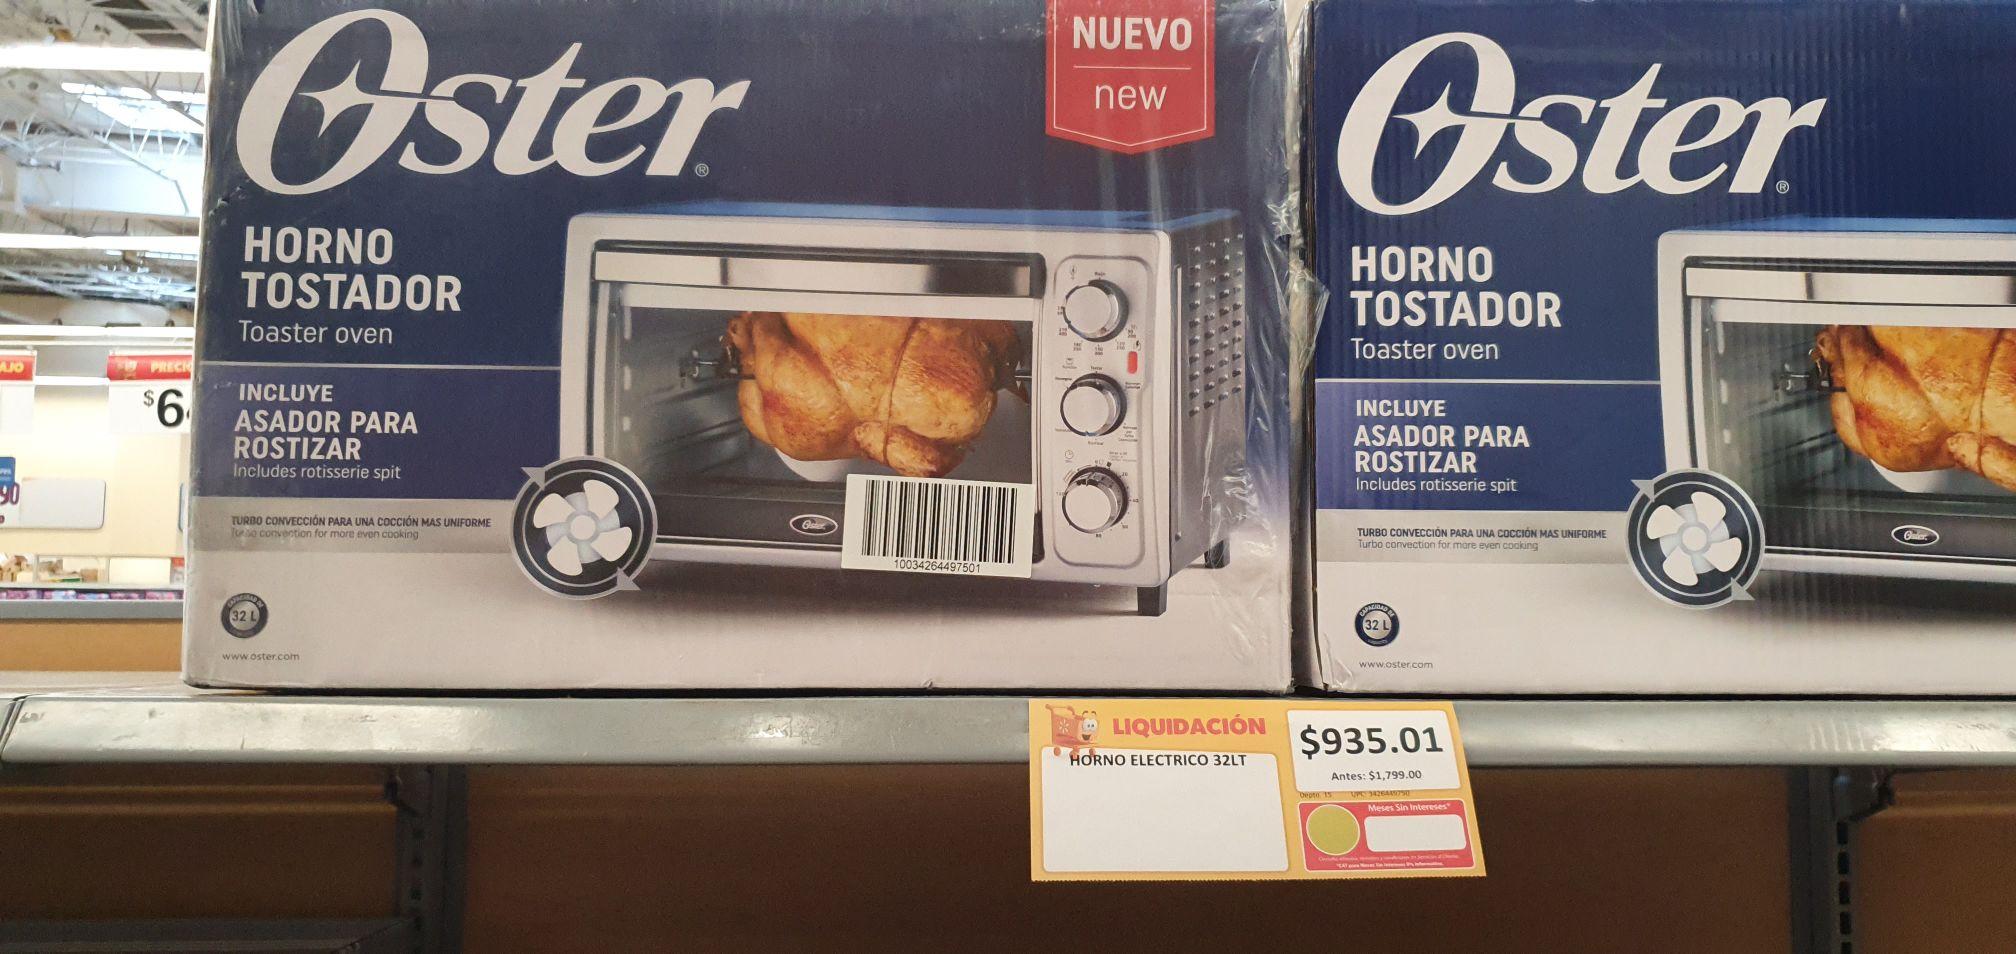 Walmart: Horno Tostador